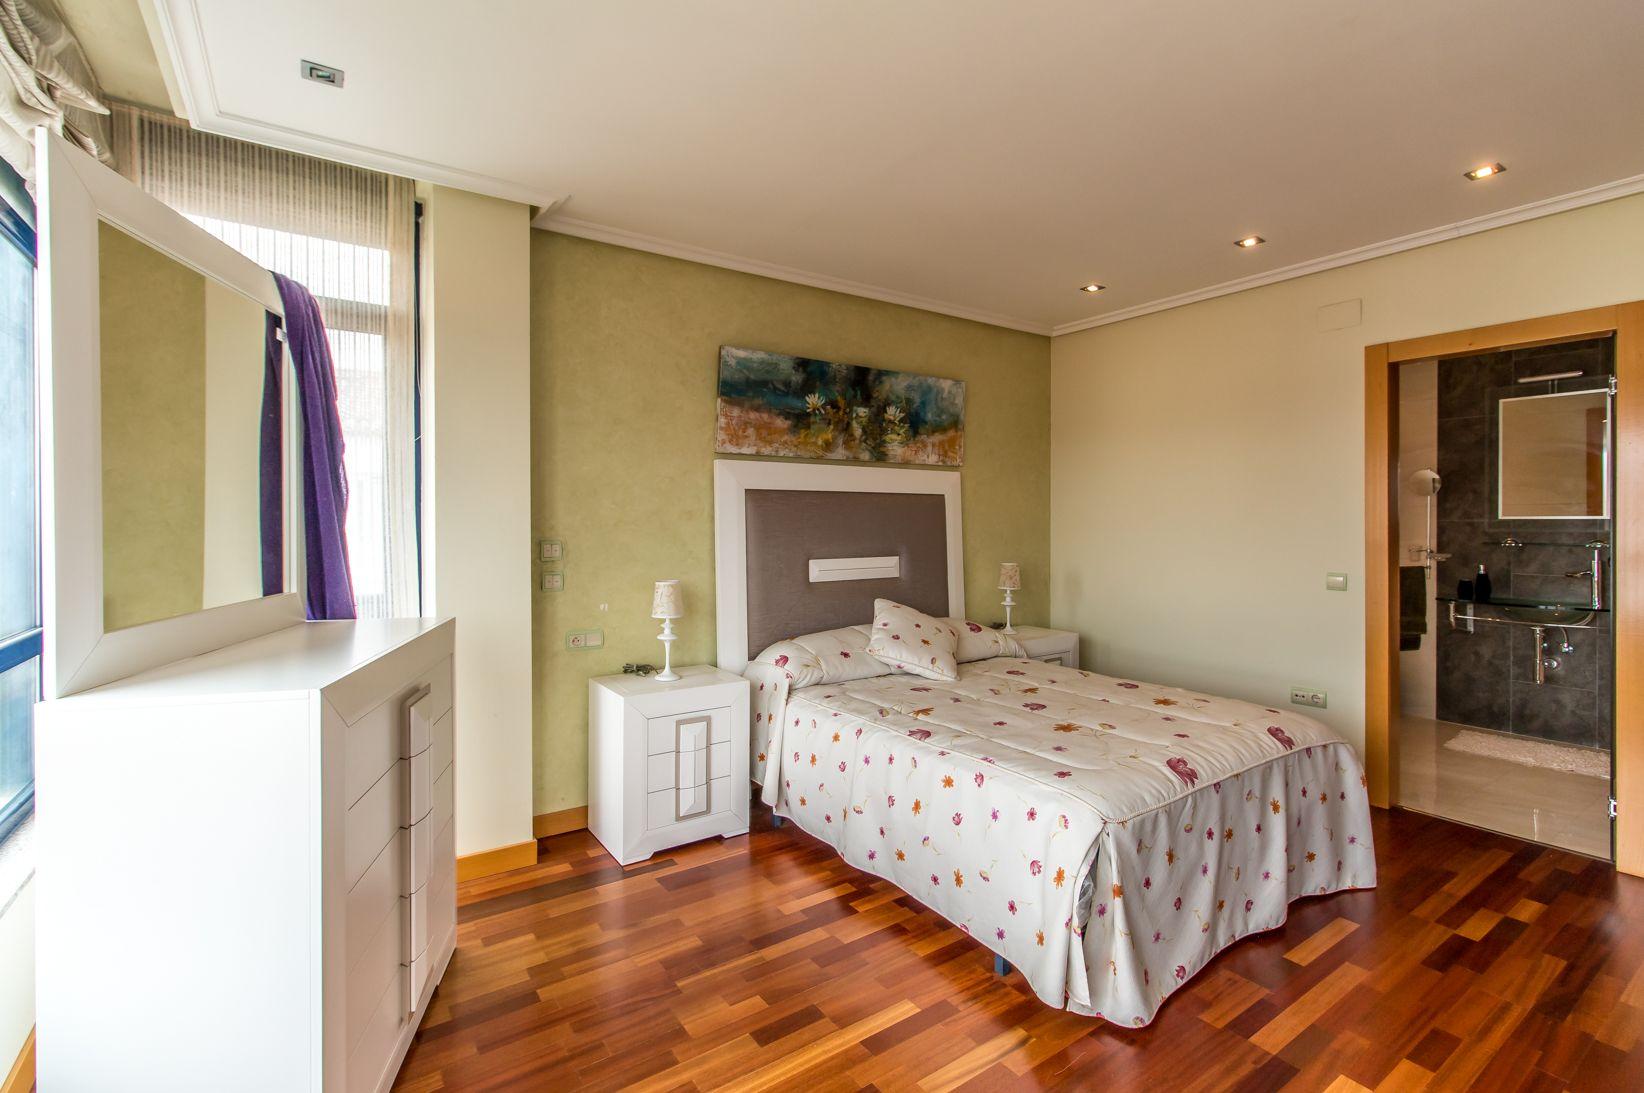 Muebles Vilu, nos avalan más de 50 años equipando miles de hogares